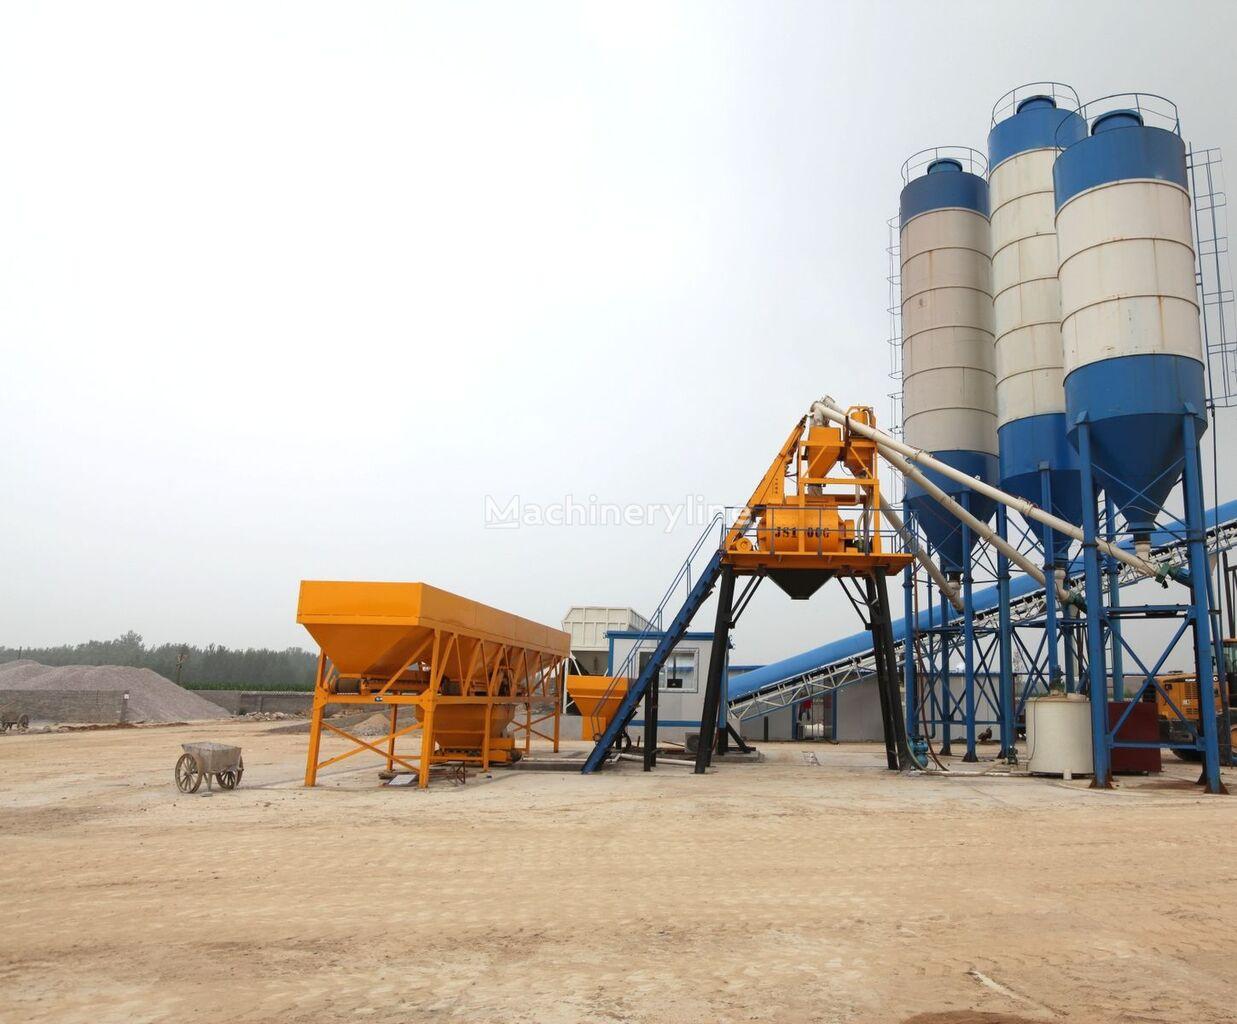 nieuw STC 35 (Kredit na vigidnih umovah u grivni) betoncentrale